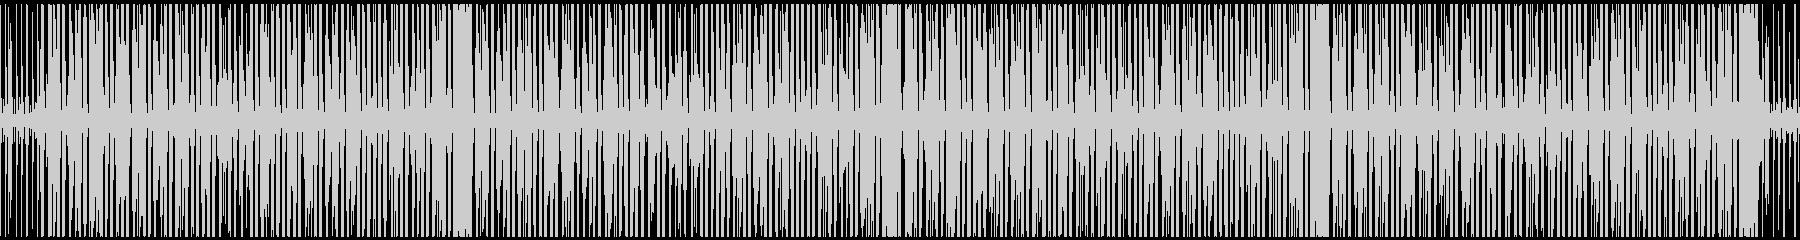 【ループ】陽気・軽快 アコギブルースv2の未再生の波形